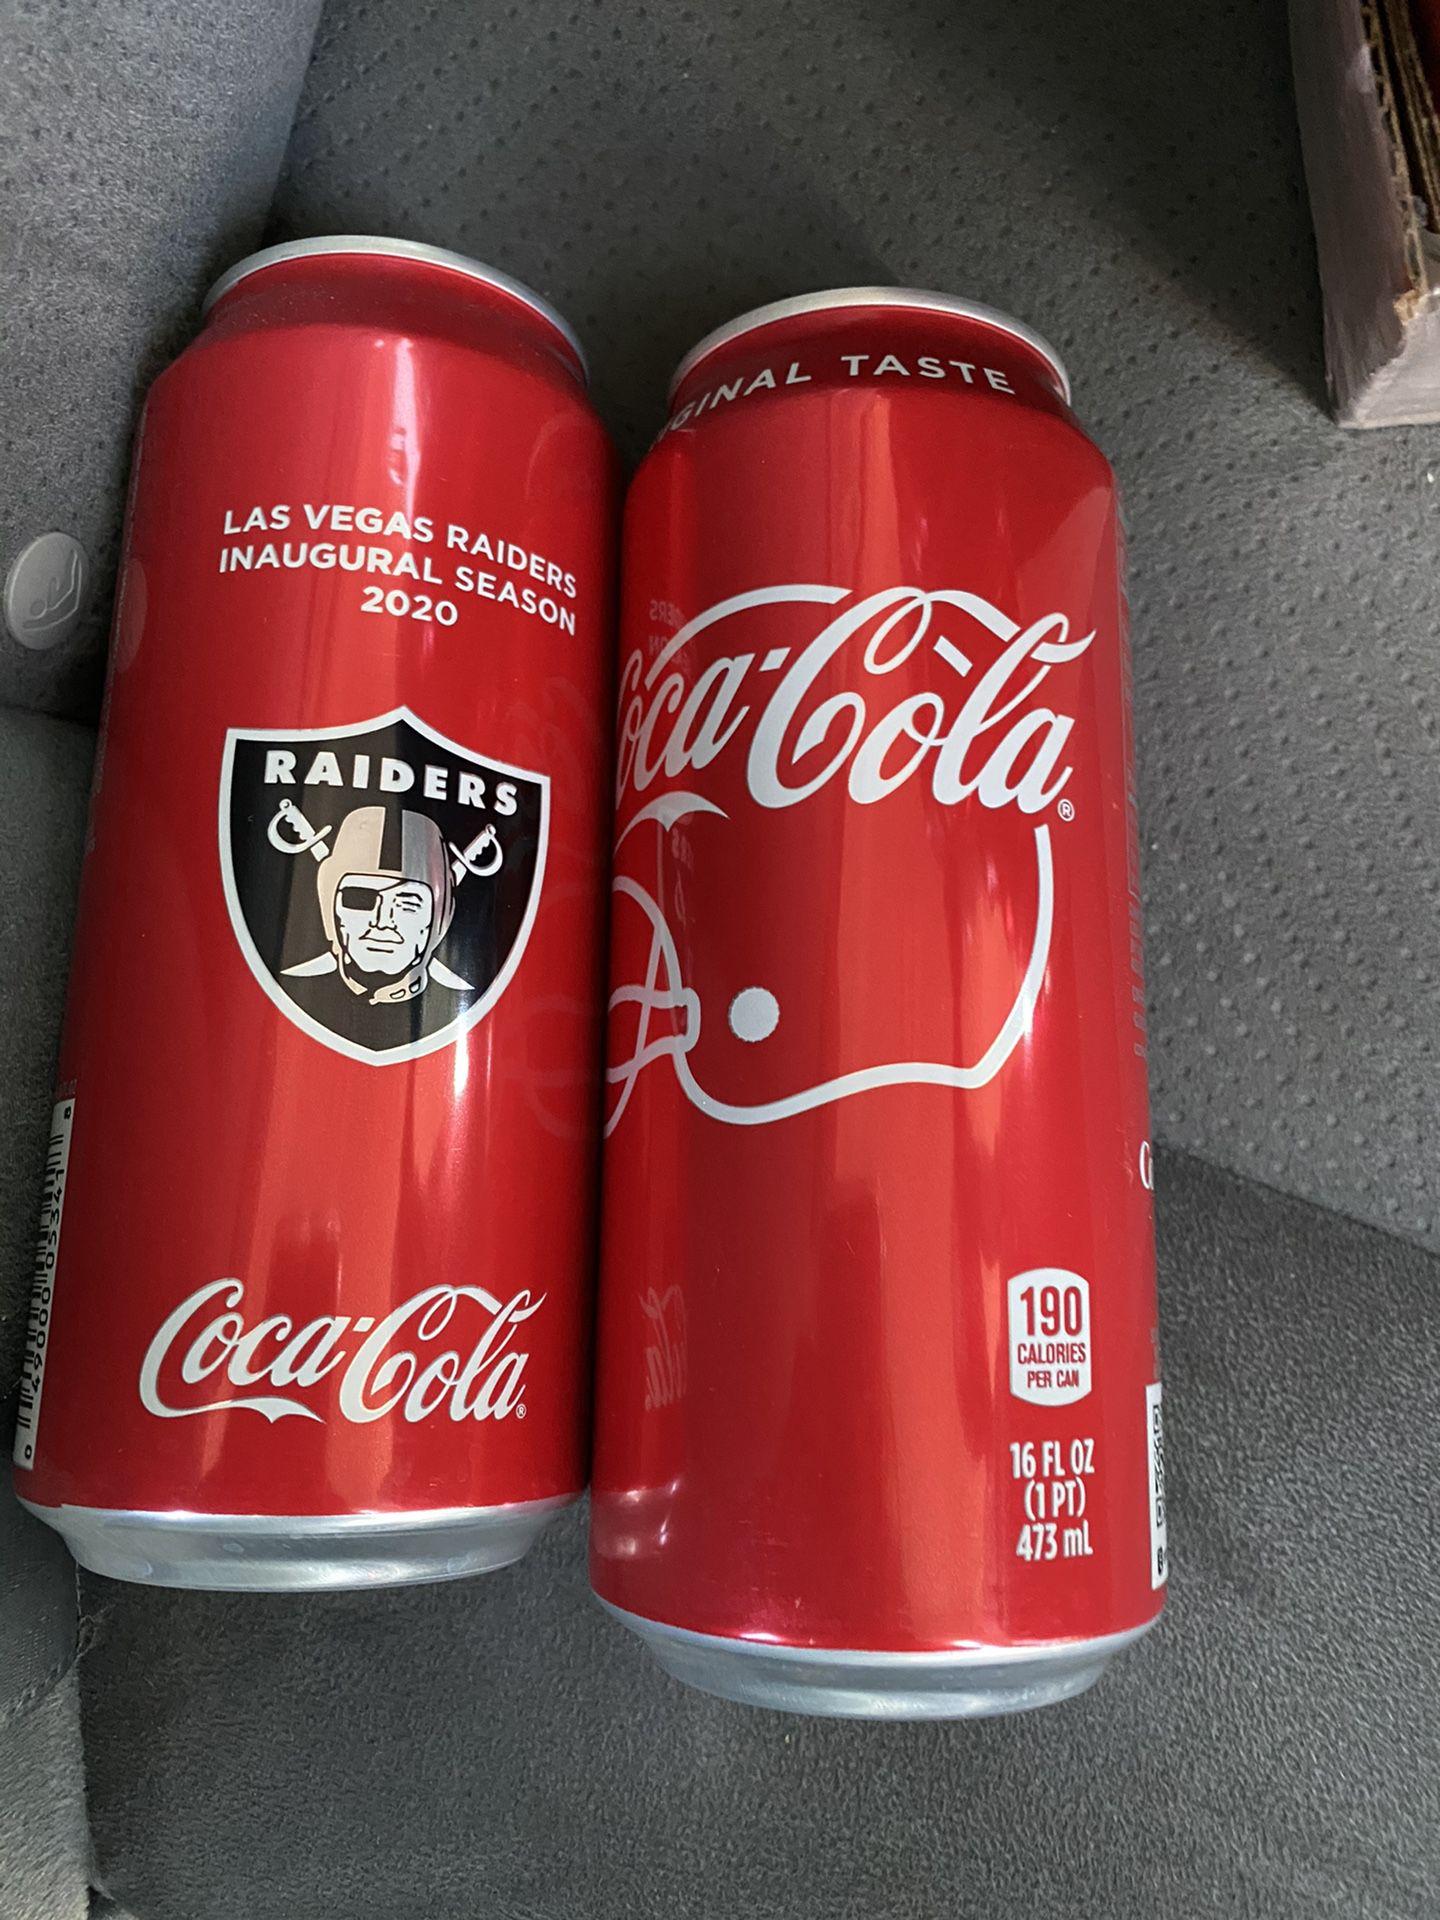 Raiders coke can